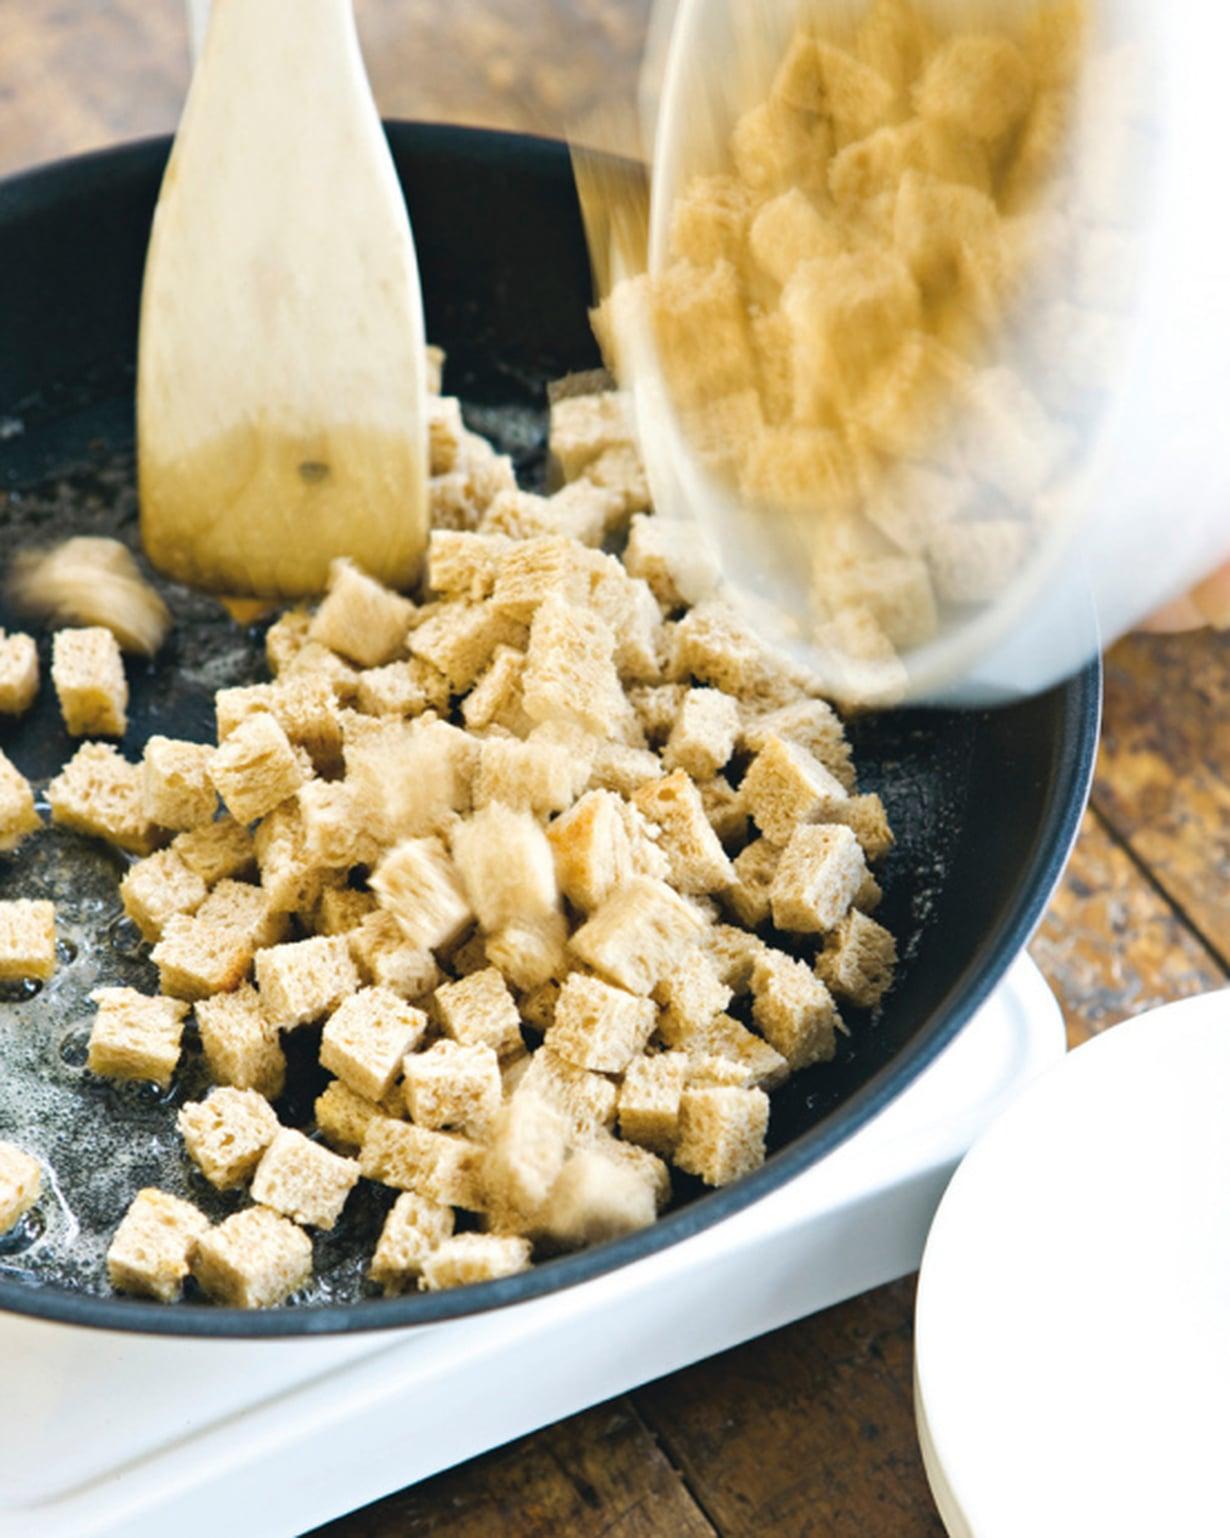 Leikkaa leipäviipaleet kuutioiksi. Kuumenna öljy ja voi paistinpannussa. Paahda kuutiot rapeiksi.